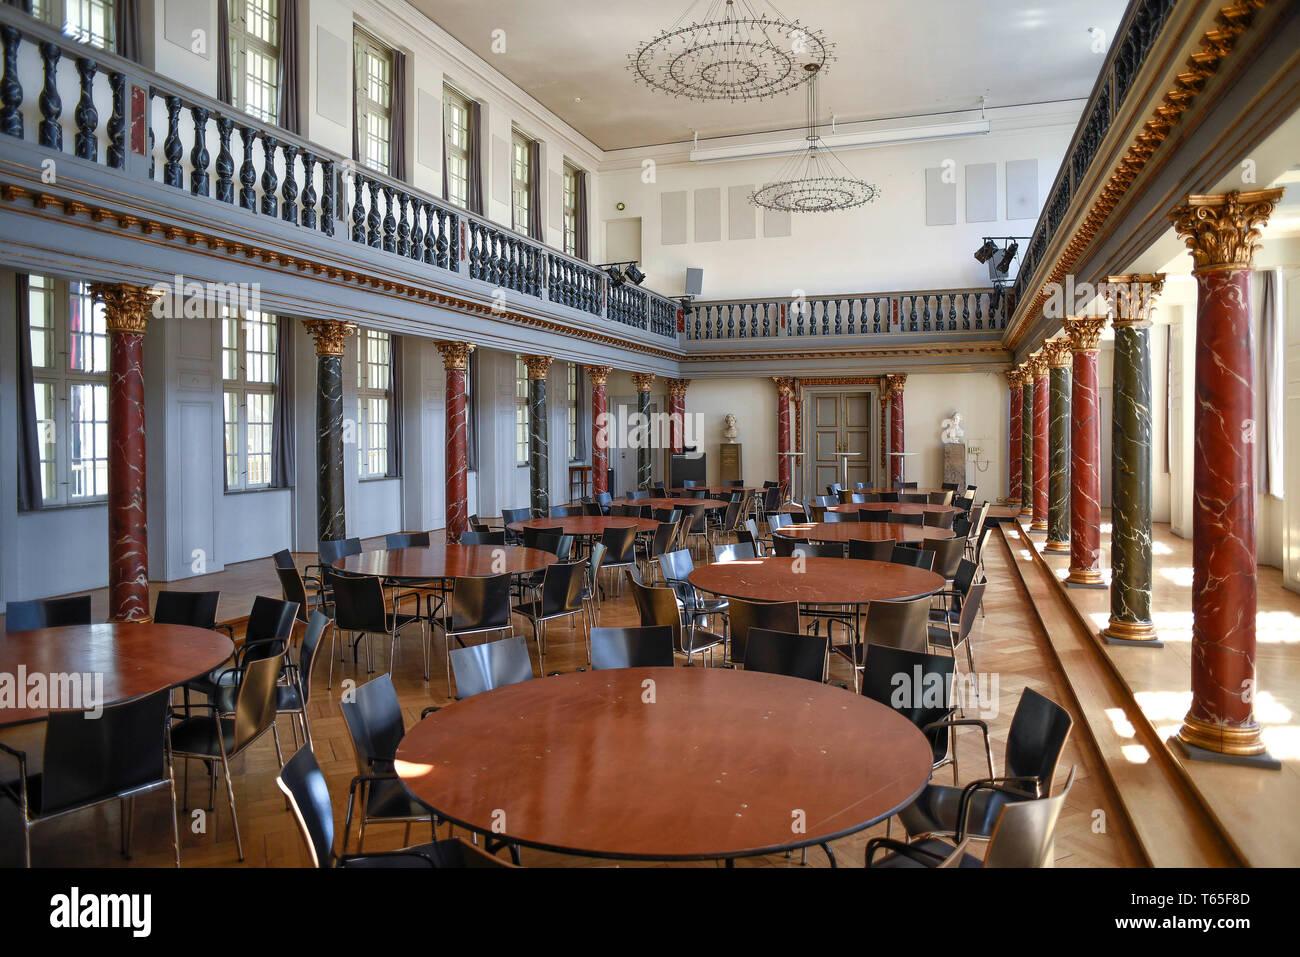 El Museo Nacional de Dinamarca en Copenhague es el mayor museo de historia cultural, que comprende las historias del danés y las culturas extranjeras, Copenhague Foto de stock